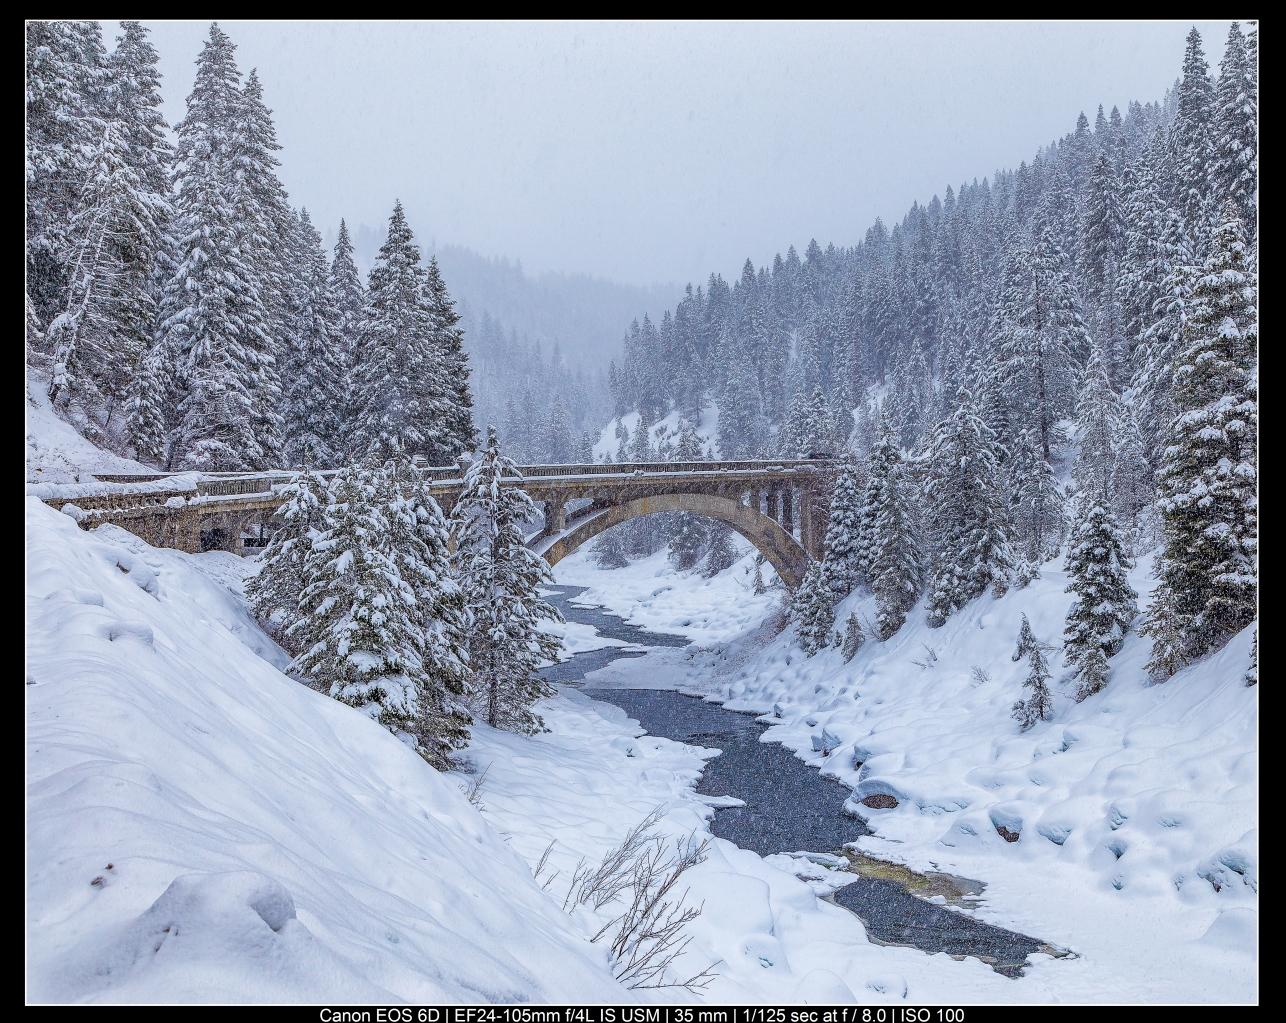 ponte de neve